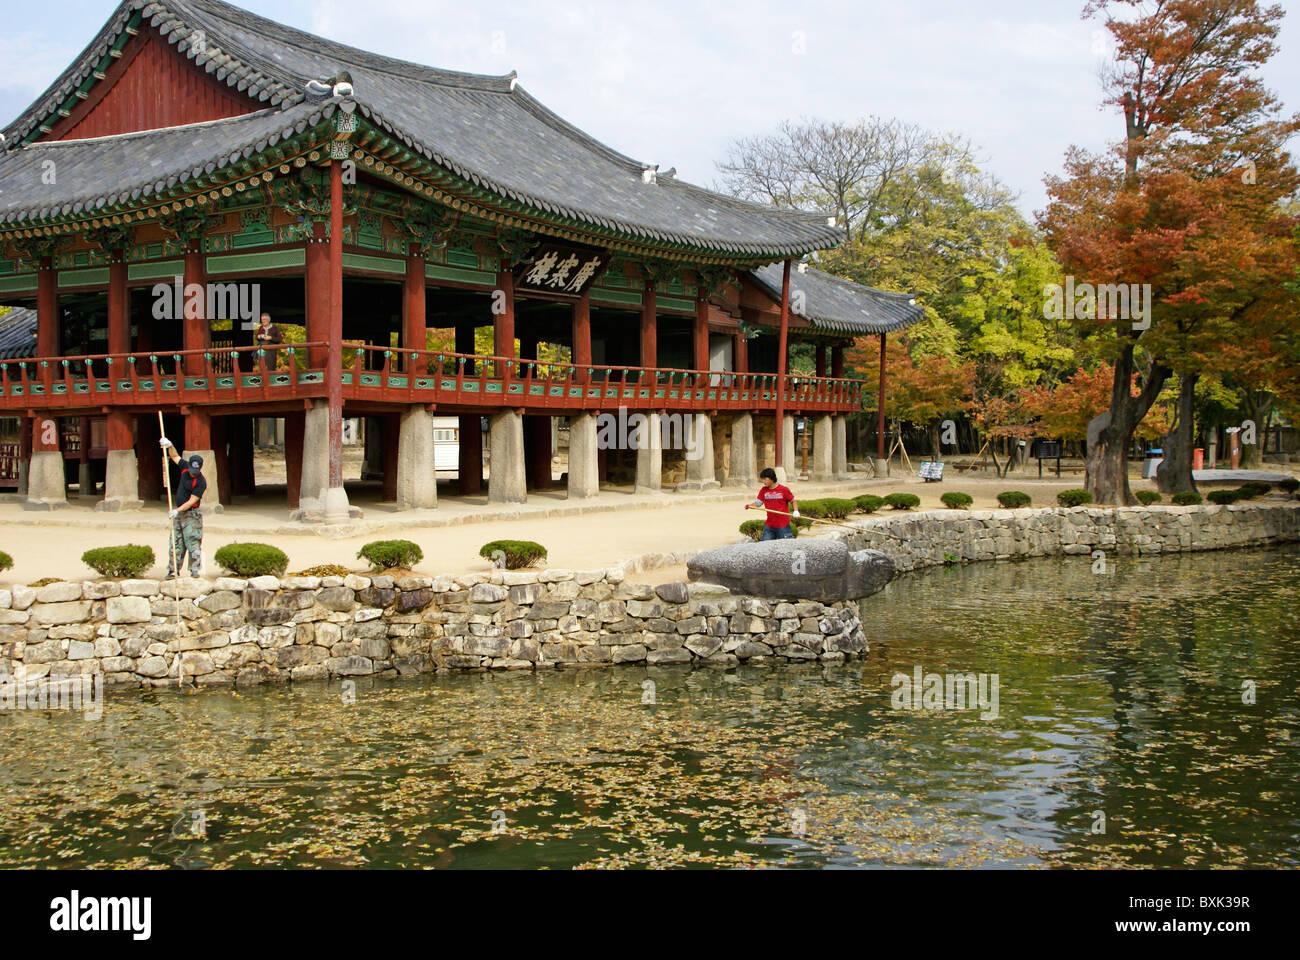 Korea Garden Stock Photos & Korea Garden Stock Images - Alamy